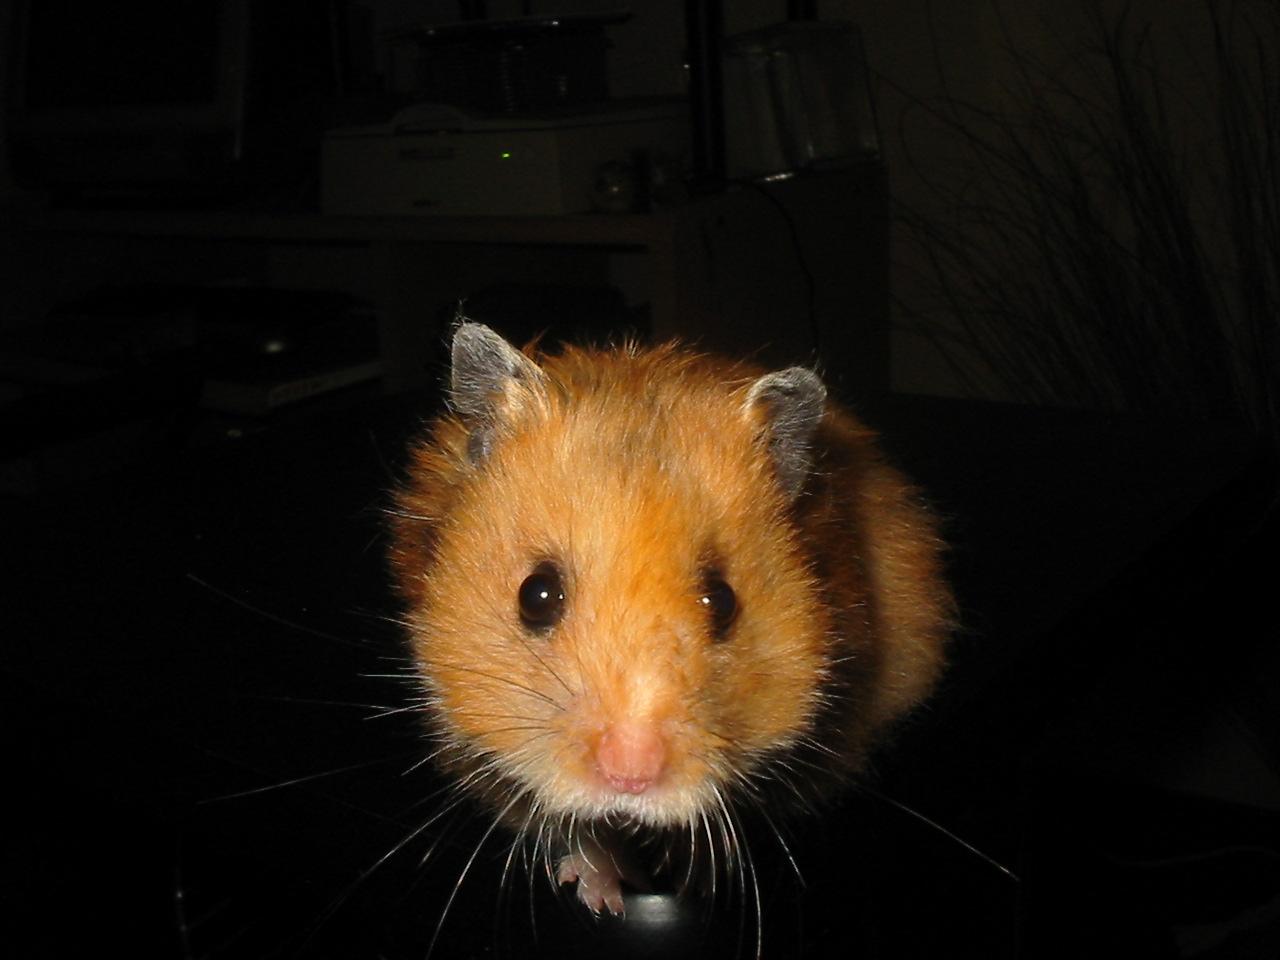 2016-10-18-1476805030-8614969-hamster.jpg